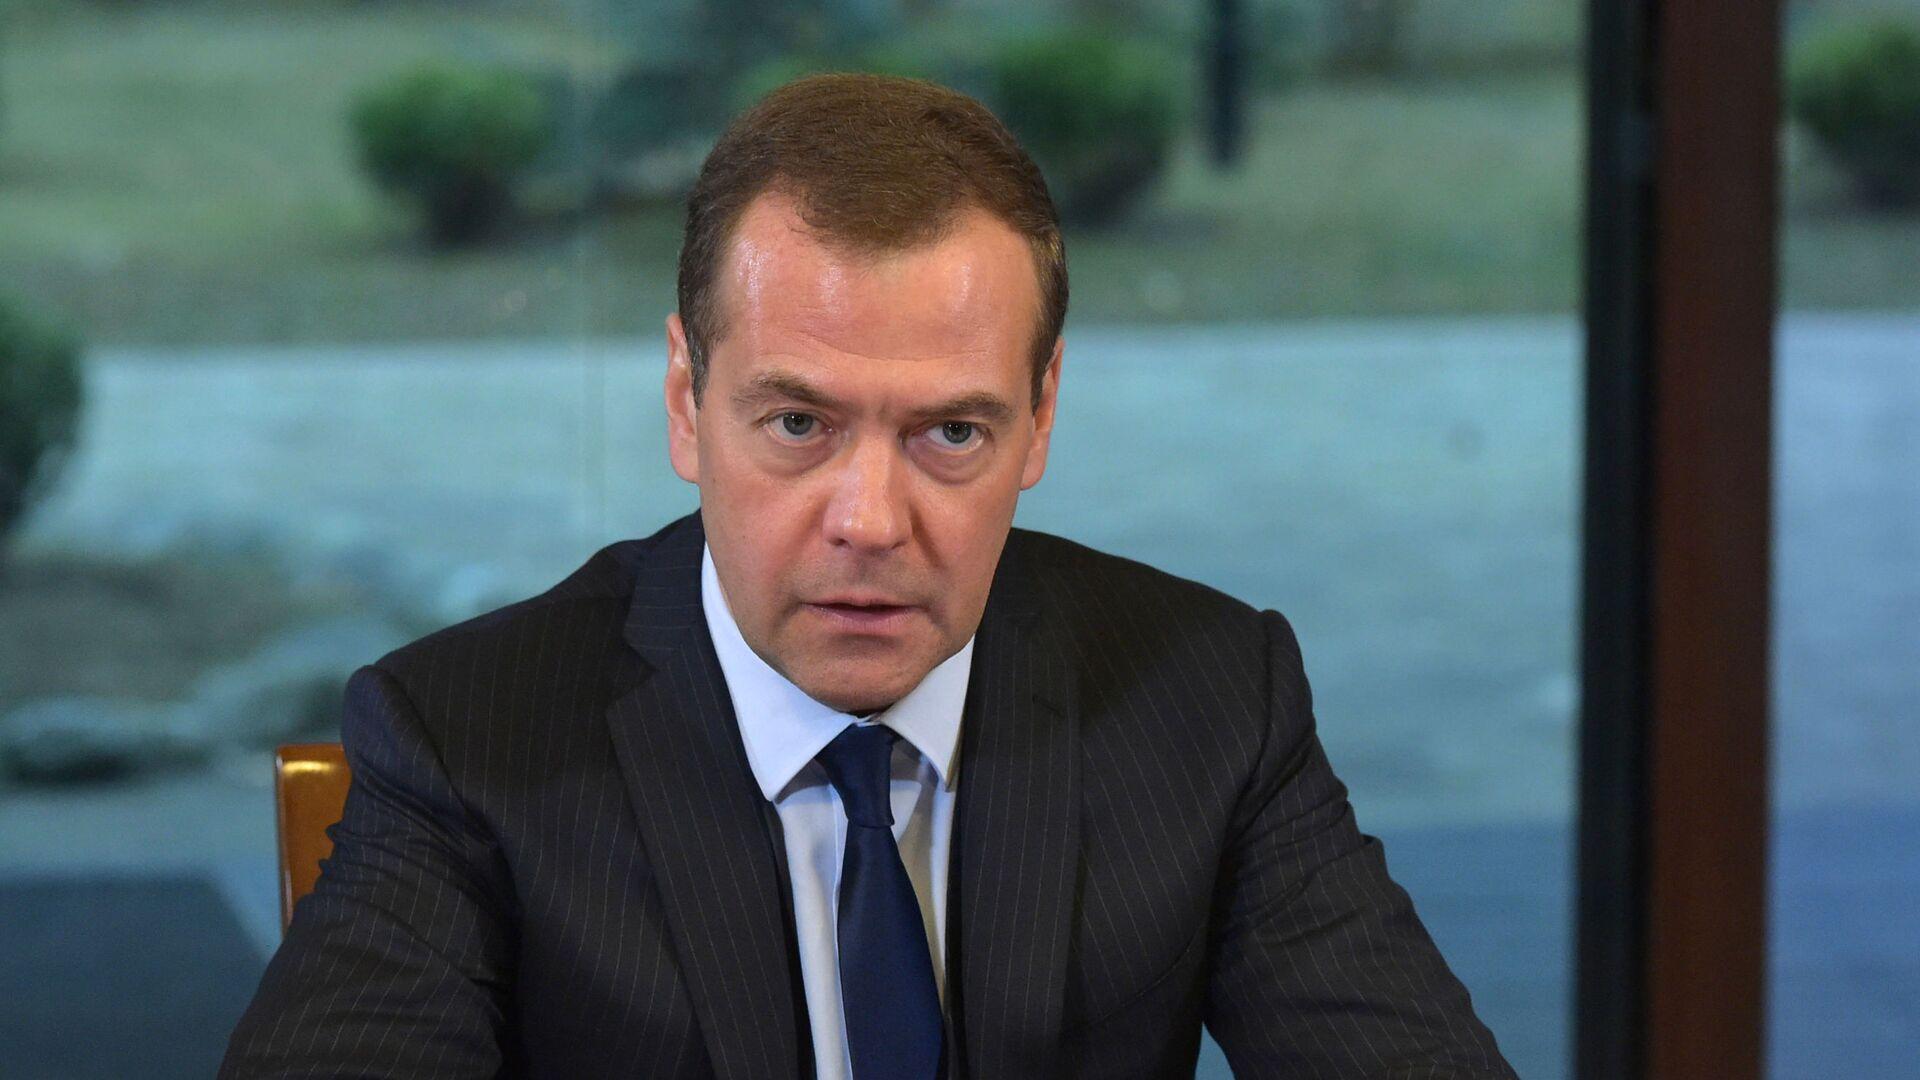 Ruský předseda vlády Dmitrij Medveděv - Sputnik Česká republika, 1920, 19.09.2021